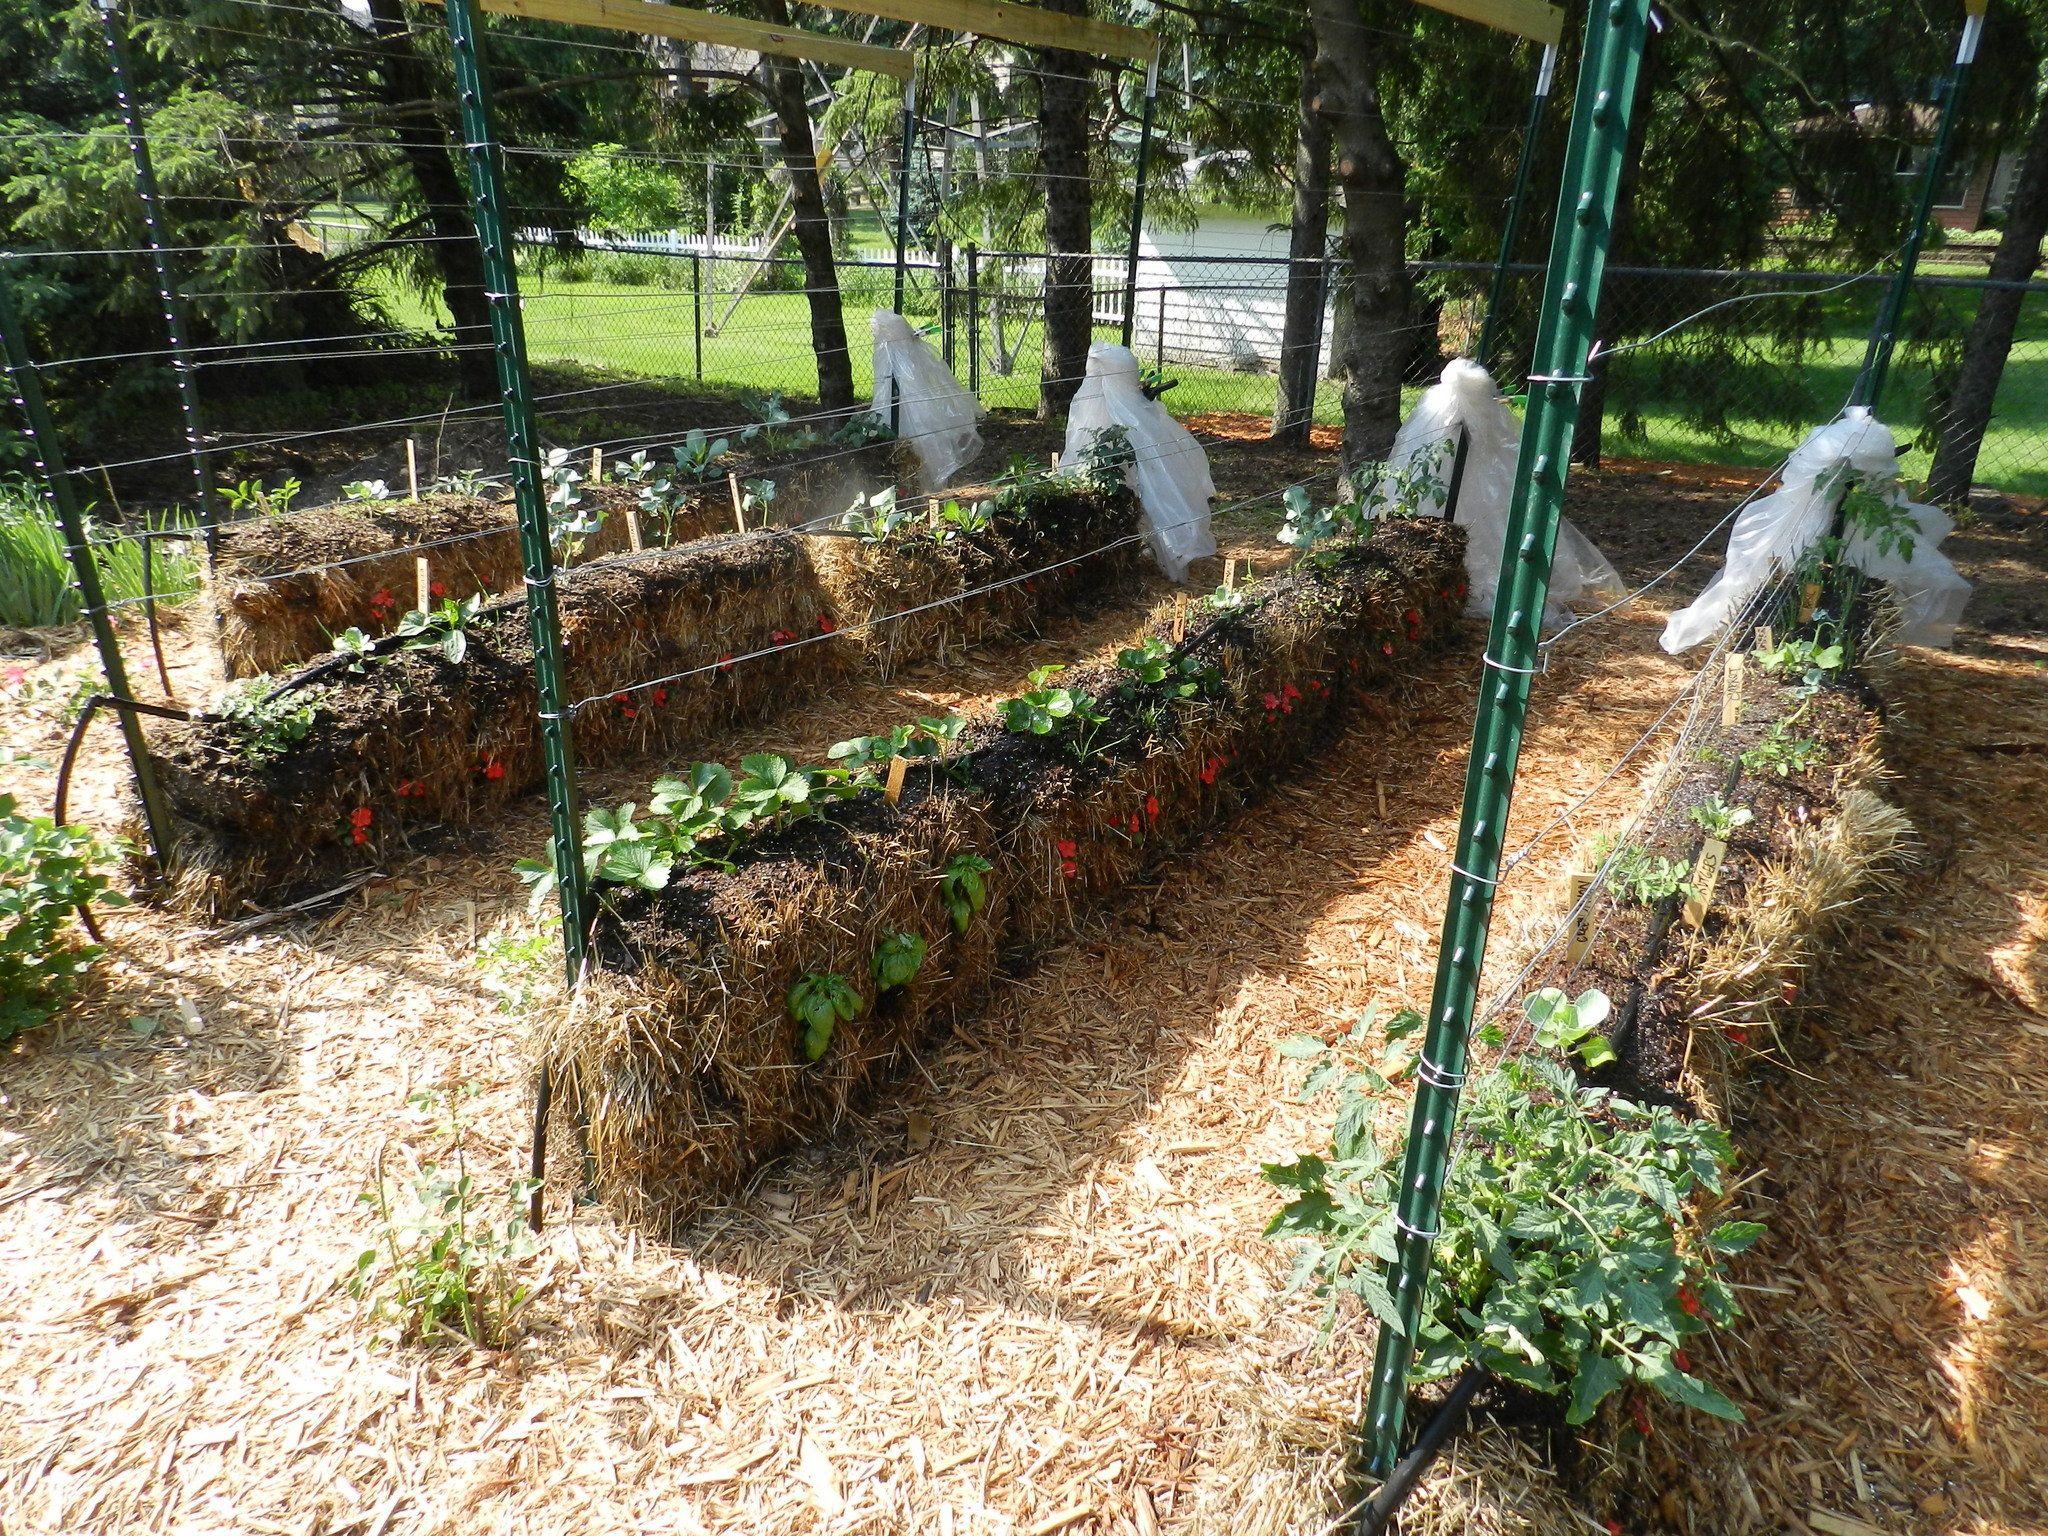 Gardening in Straw   Garden System   Pinterest   Hay bale gardening ...